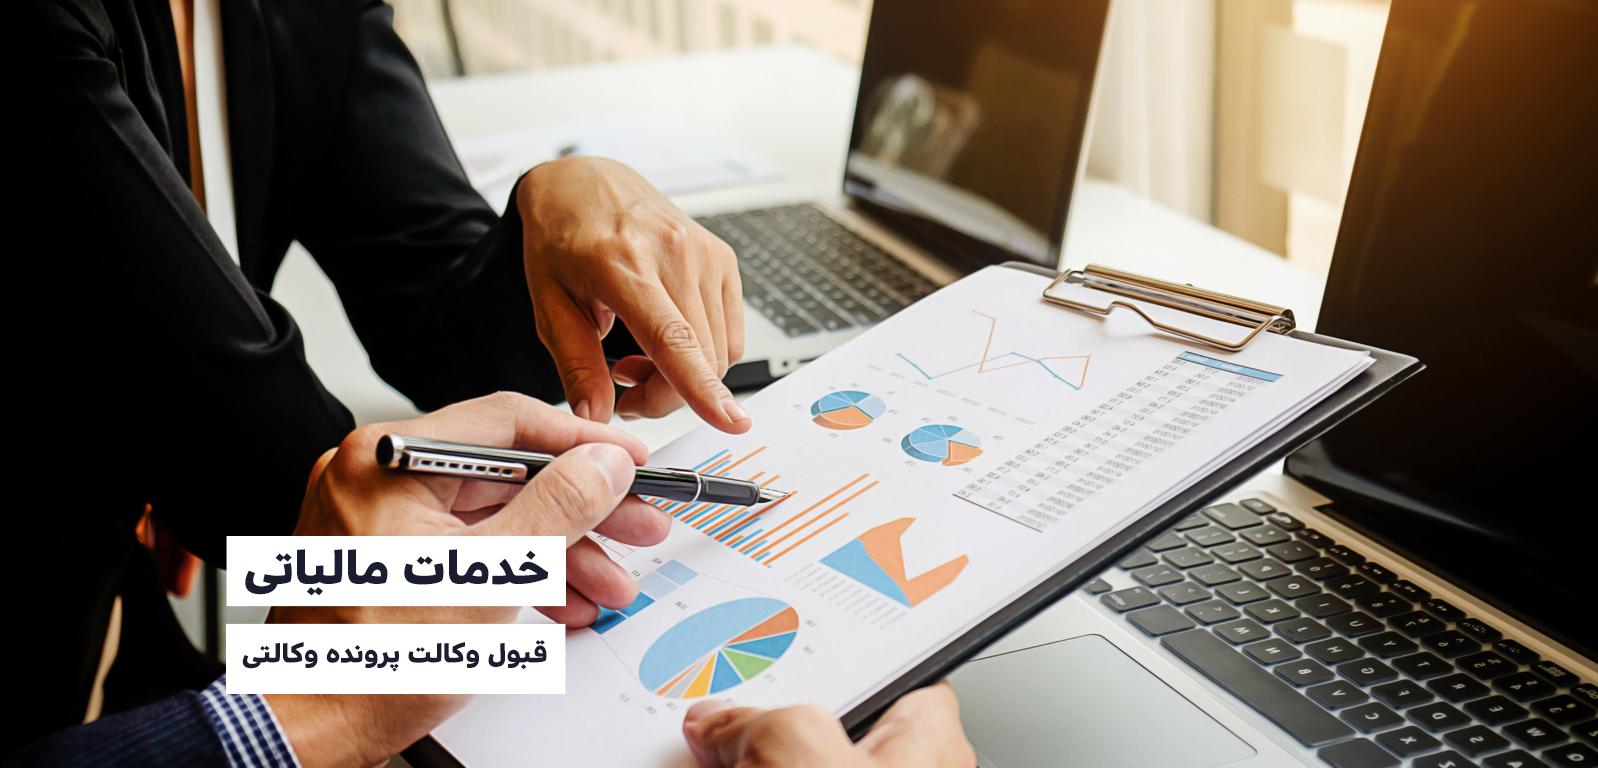 کیمیا محاسب | شرکت مالی و حسابداری